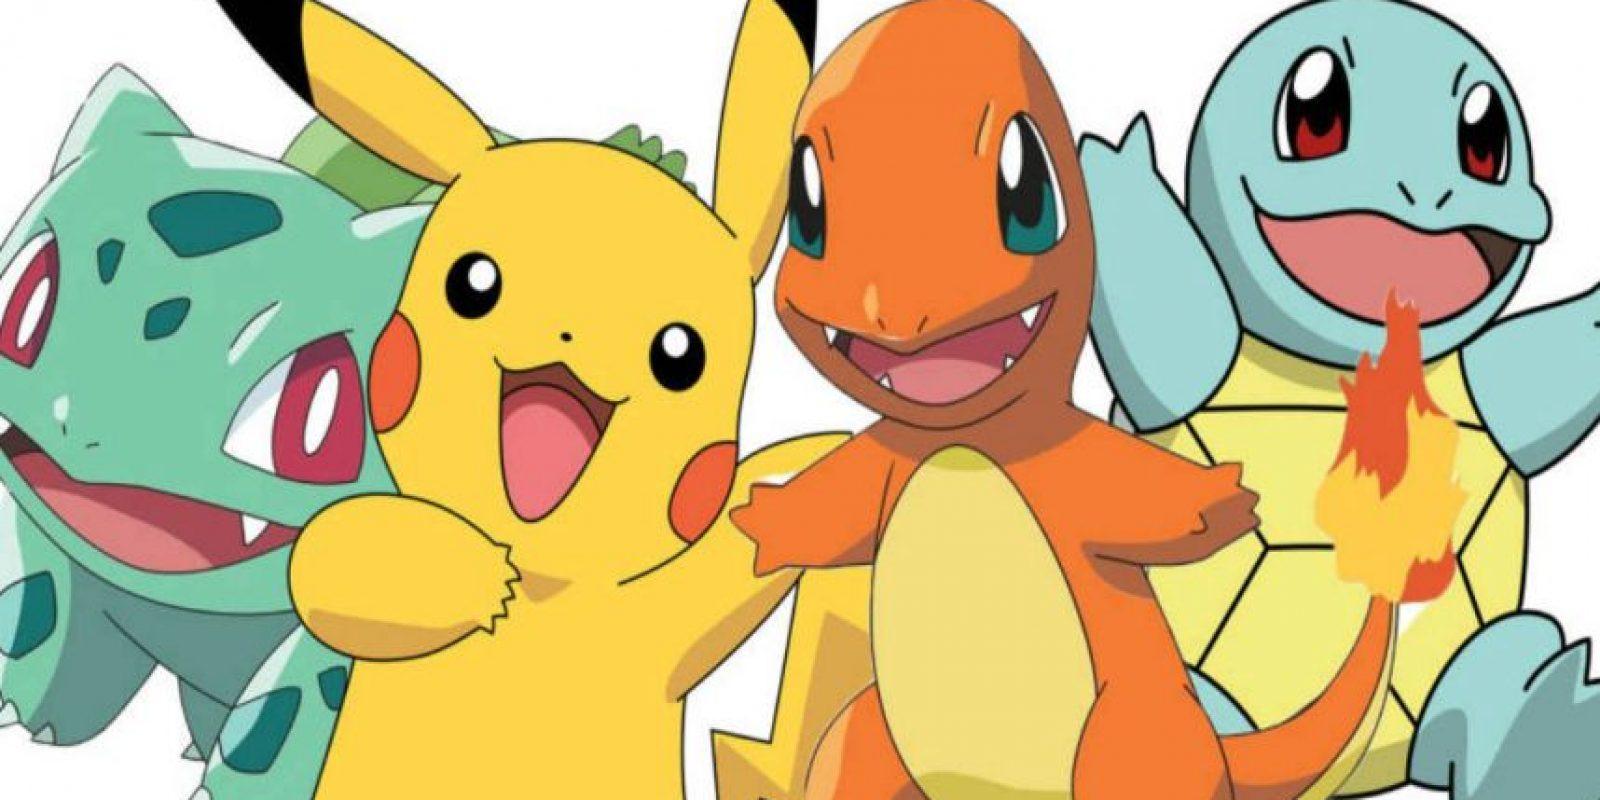 Y estarán disponibles para las consolas de Nintendo, no para móvil. Foto:Pokémon